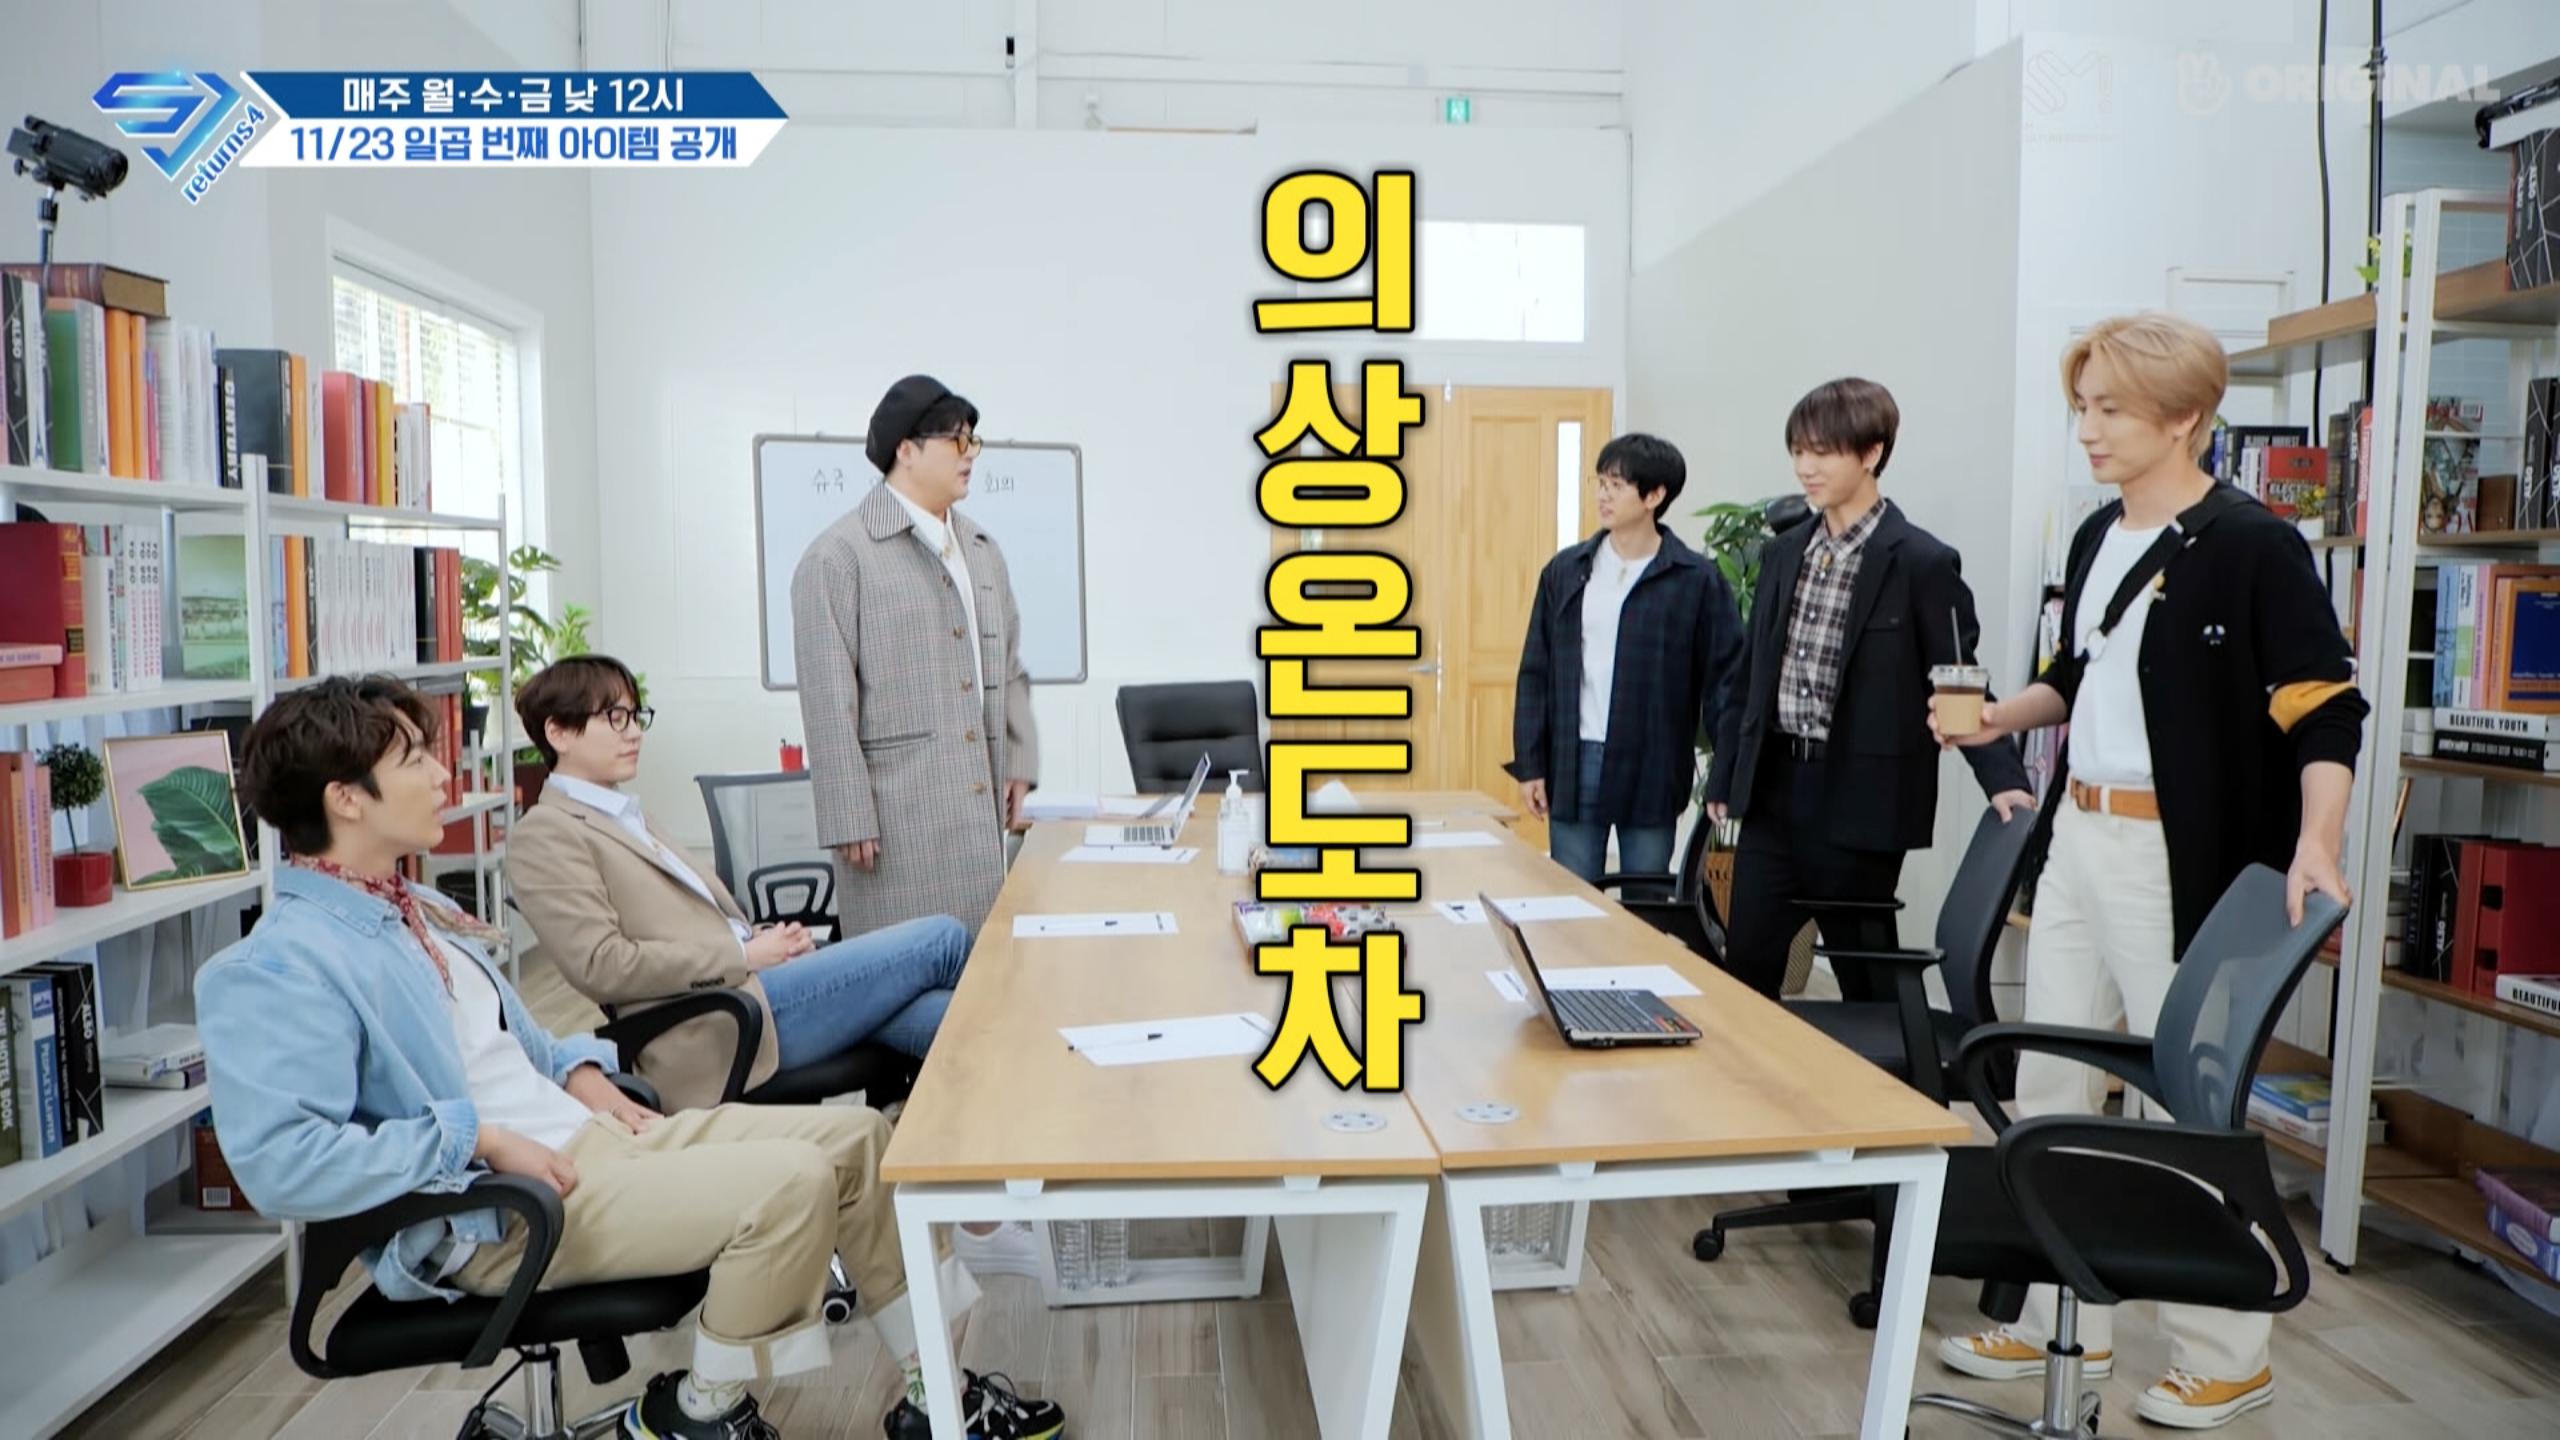 [예고] 슈주 리턴즈4 - 슈주 예능국 '첫 오리지날 시리즈'! <슈주 DAY>가 다음 주 방송됩니다!